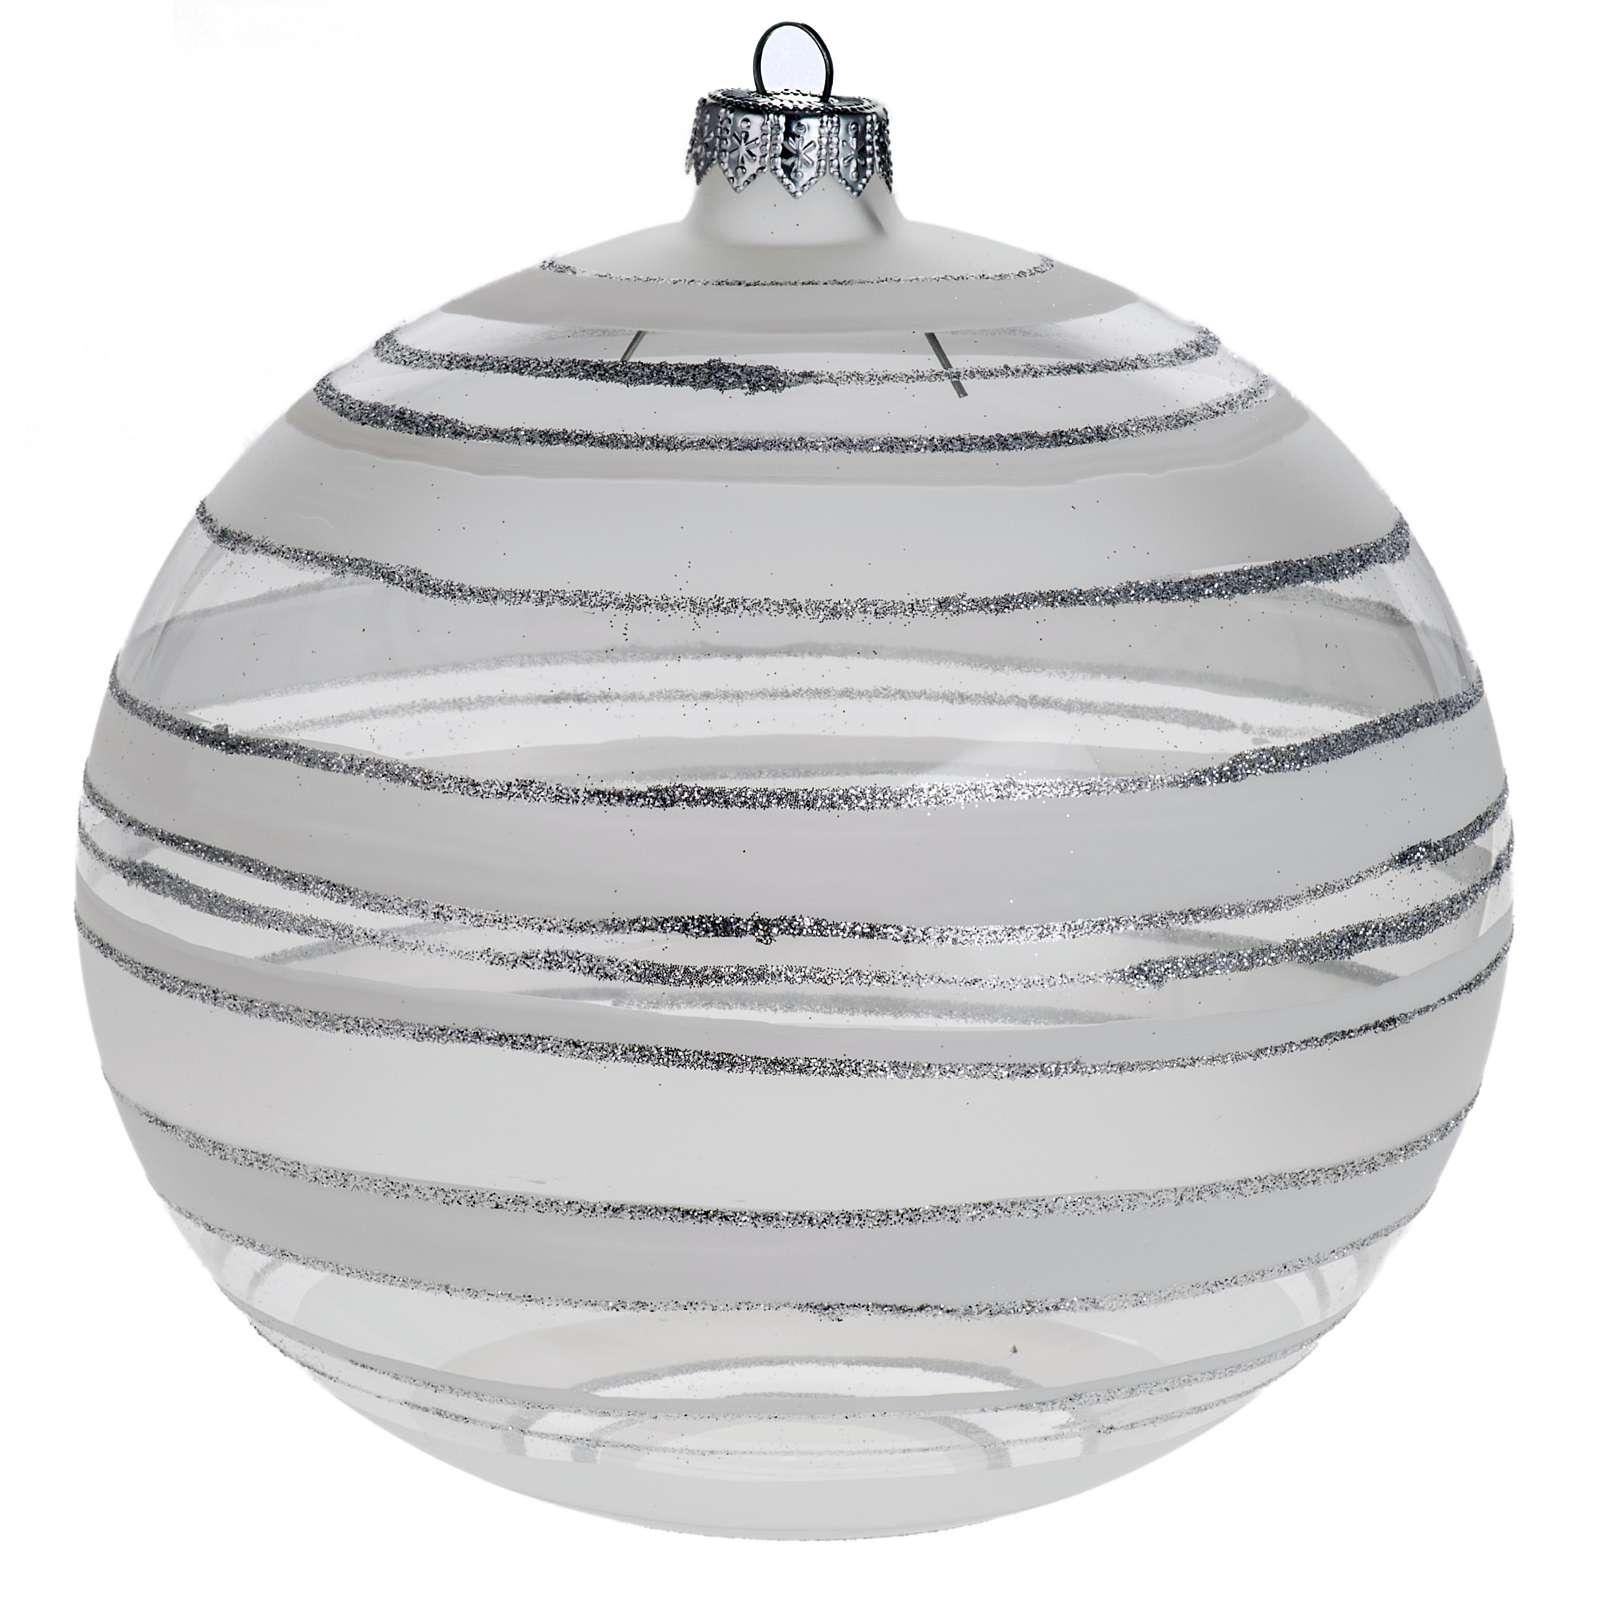 Addobbo albero Natale sfera vetro trasparente argento 15 cm 4